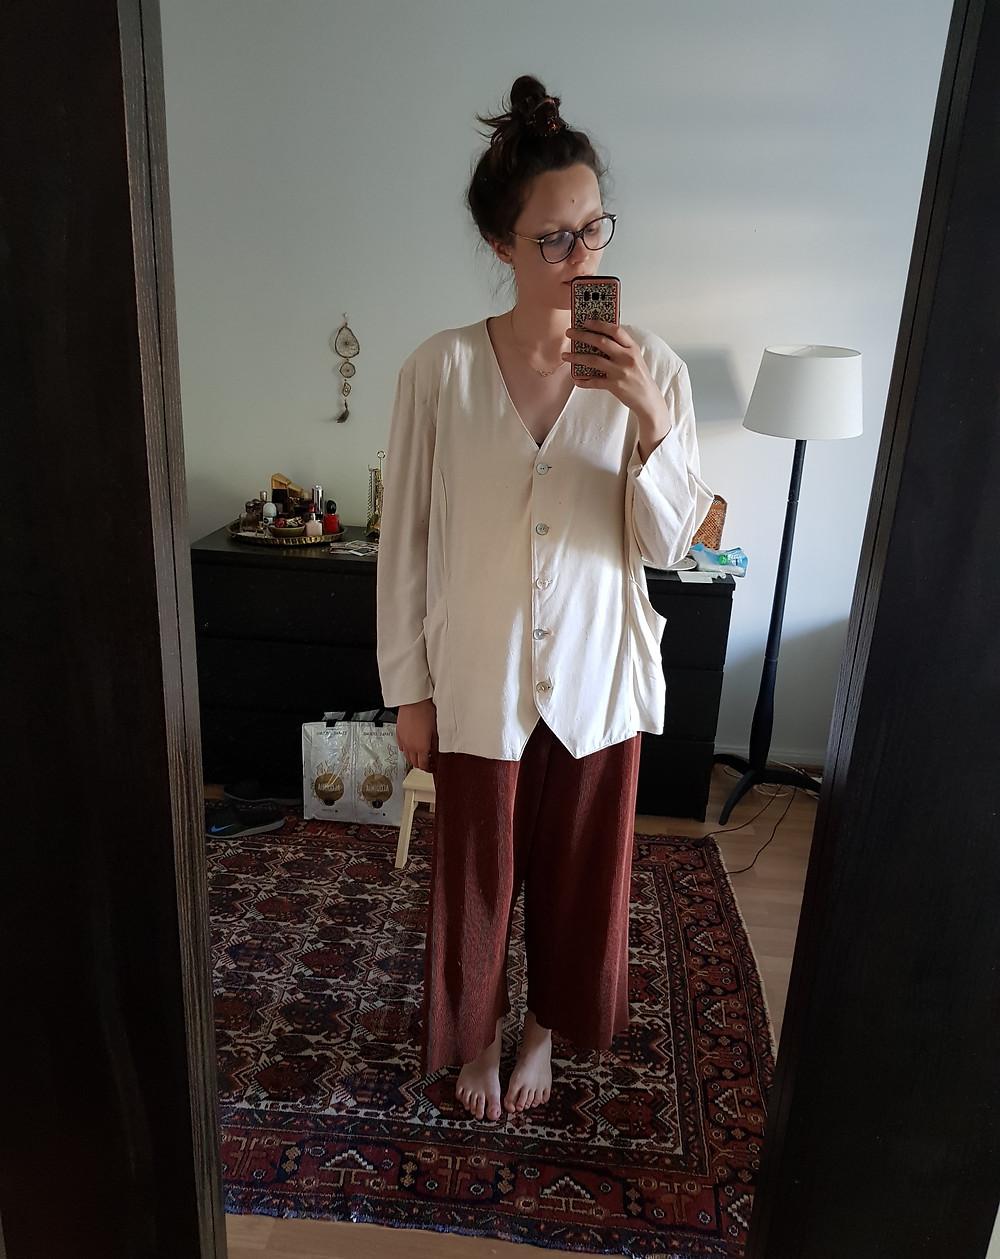 Seison peilini edessä, tukkani on nutturalla ja päälläni on ruosteenoranssit leveät housut ja valkoinen silkkijakku.